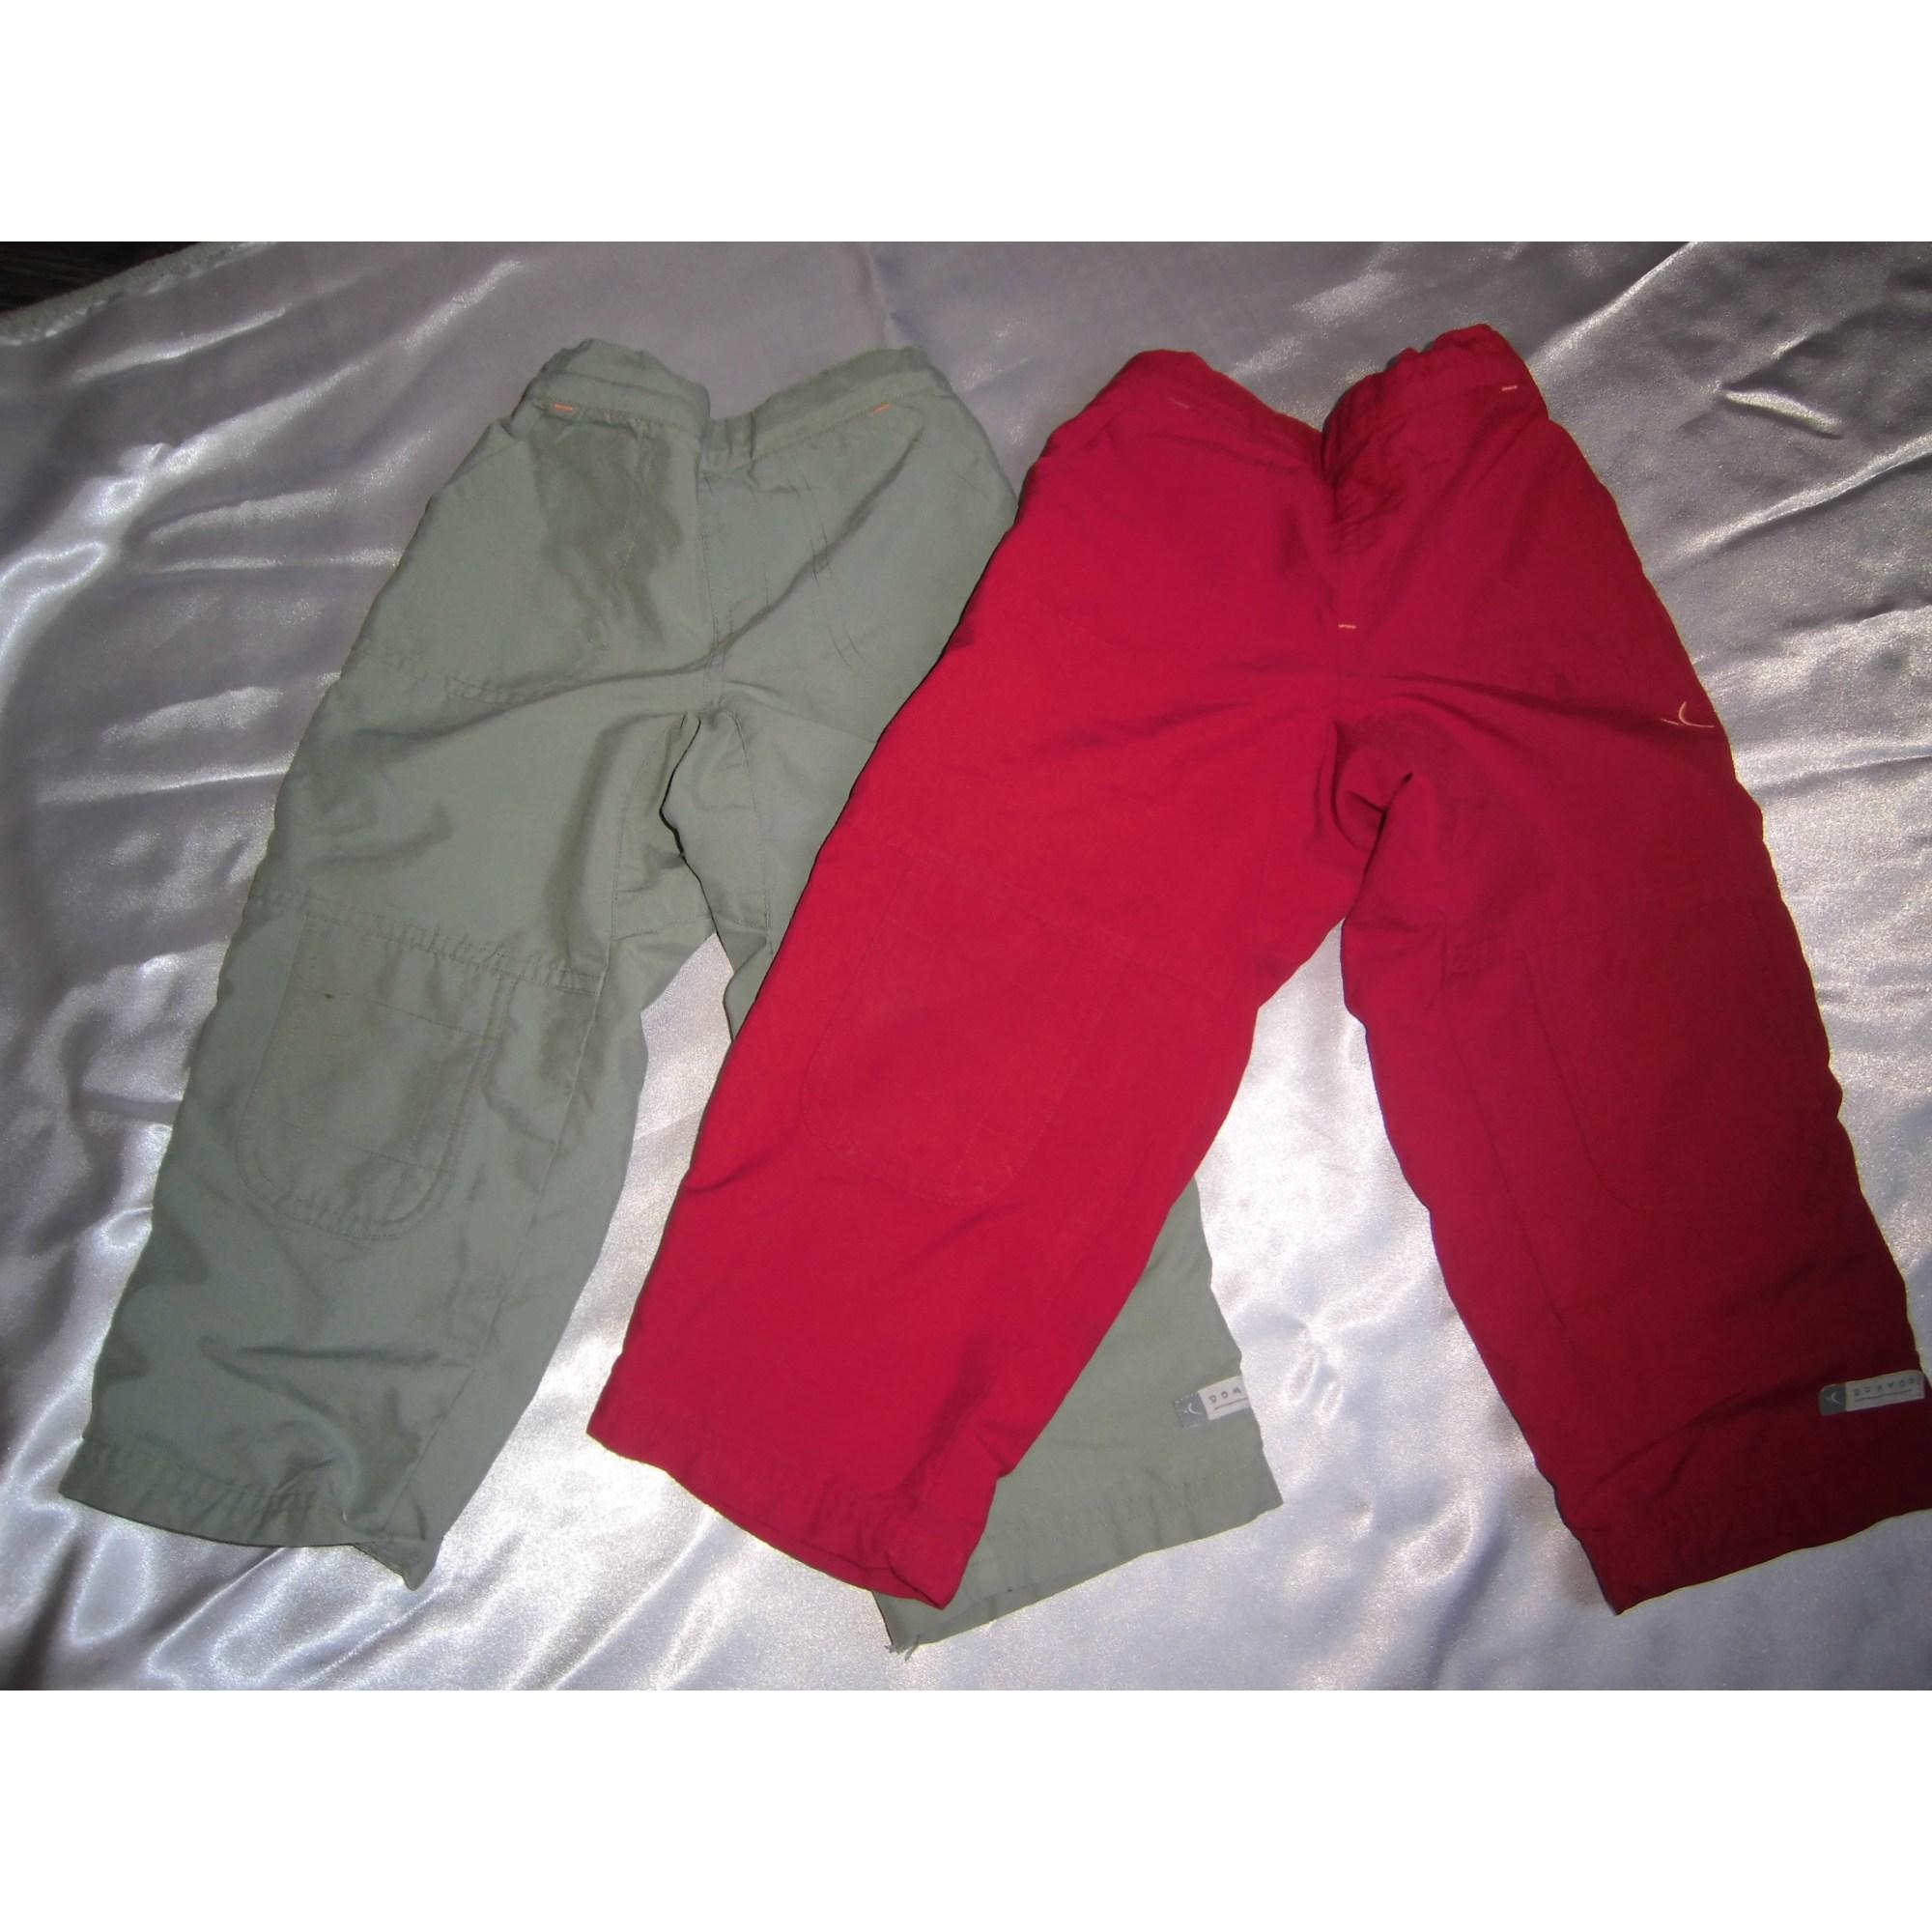 7c8e9087d7dd Pantalon de survêtement DÉCATHLON 3-4 ans multicouleur - 1733453